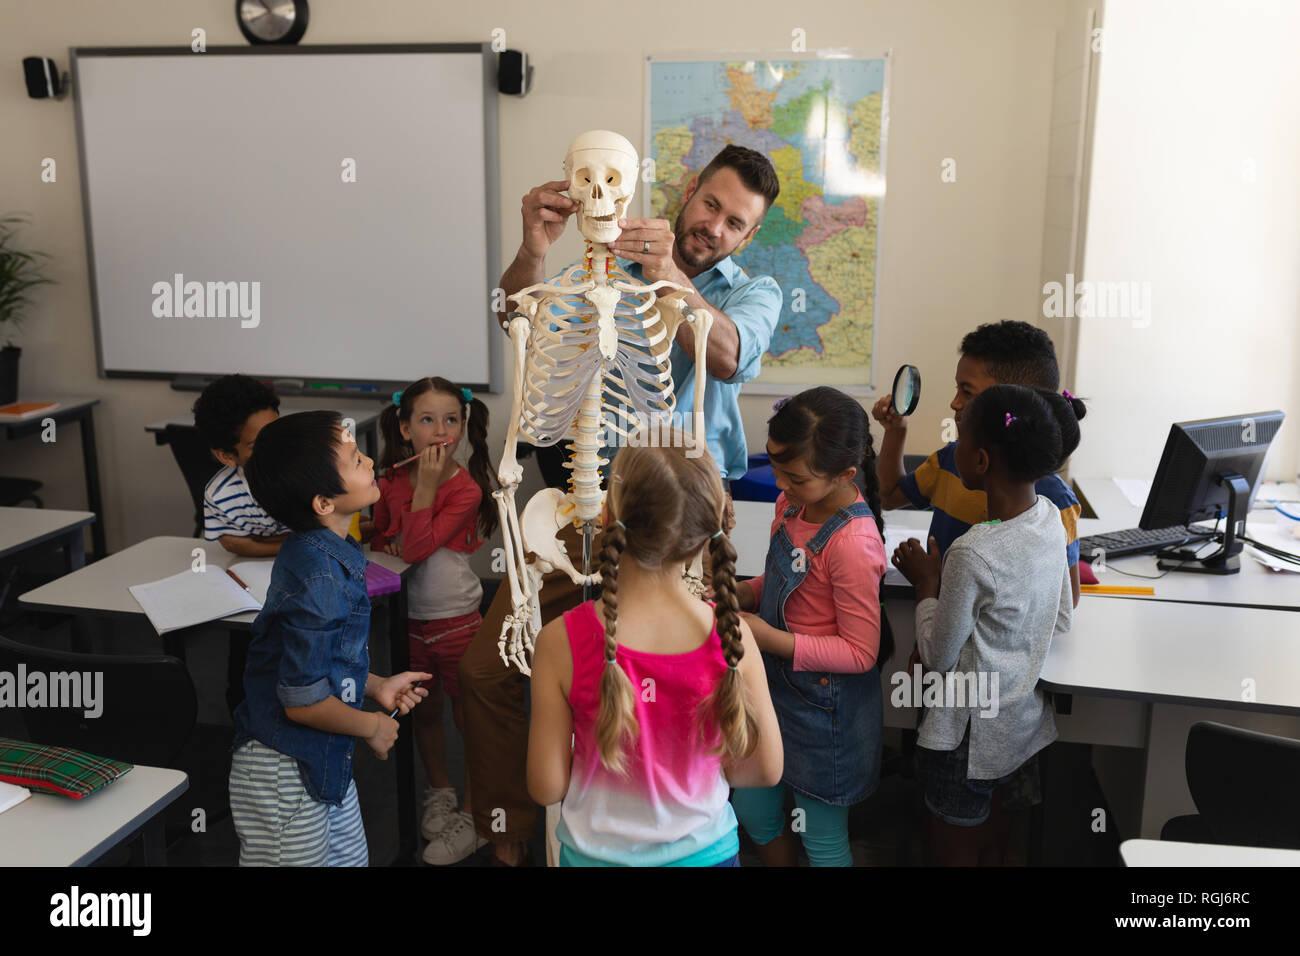 Male teacher explaining skeleton model in classroom of elementary school - Stock Image